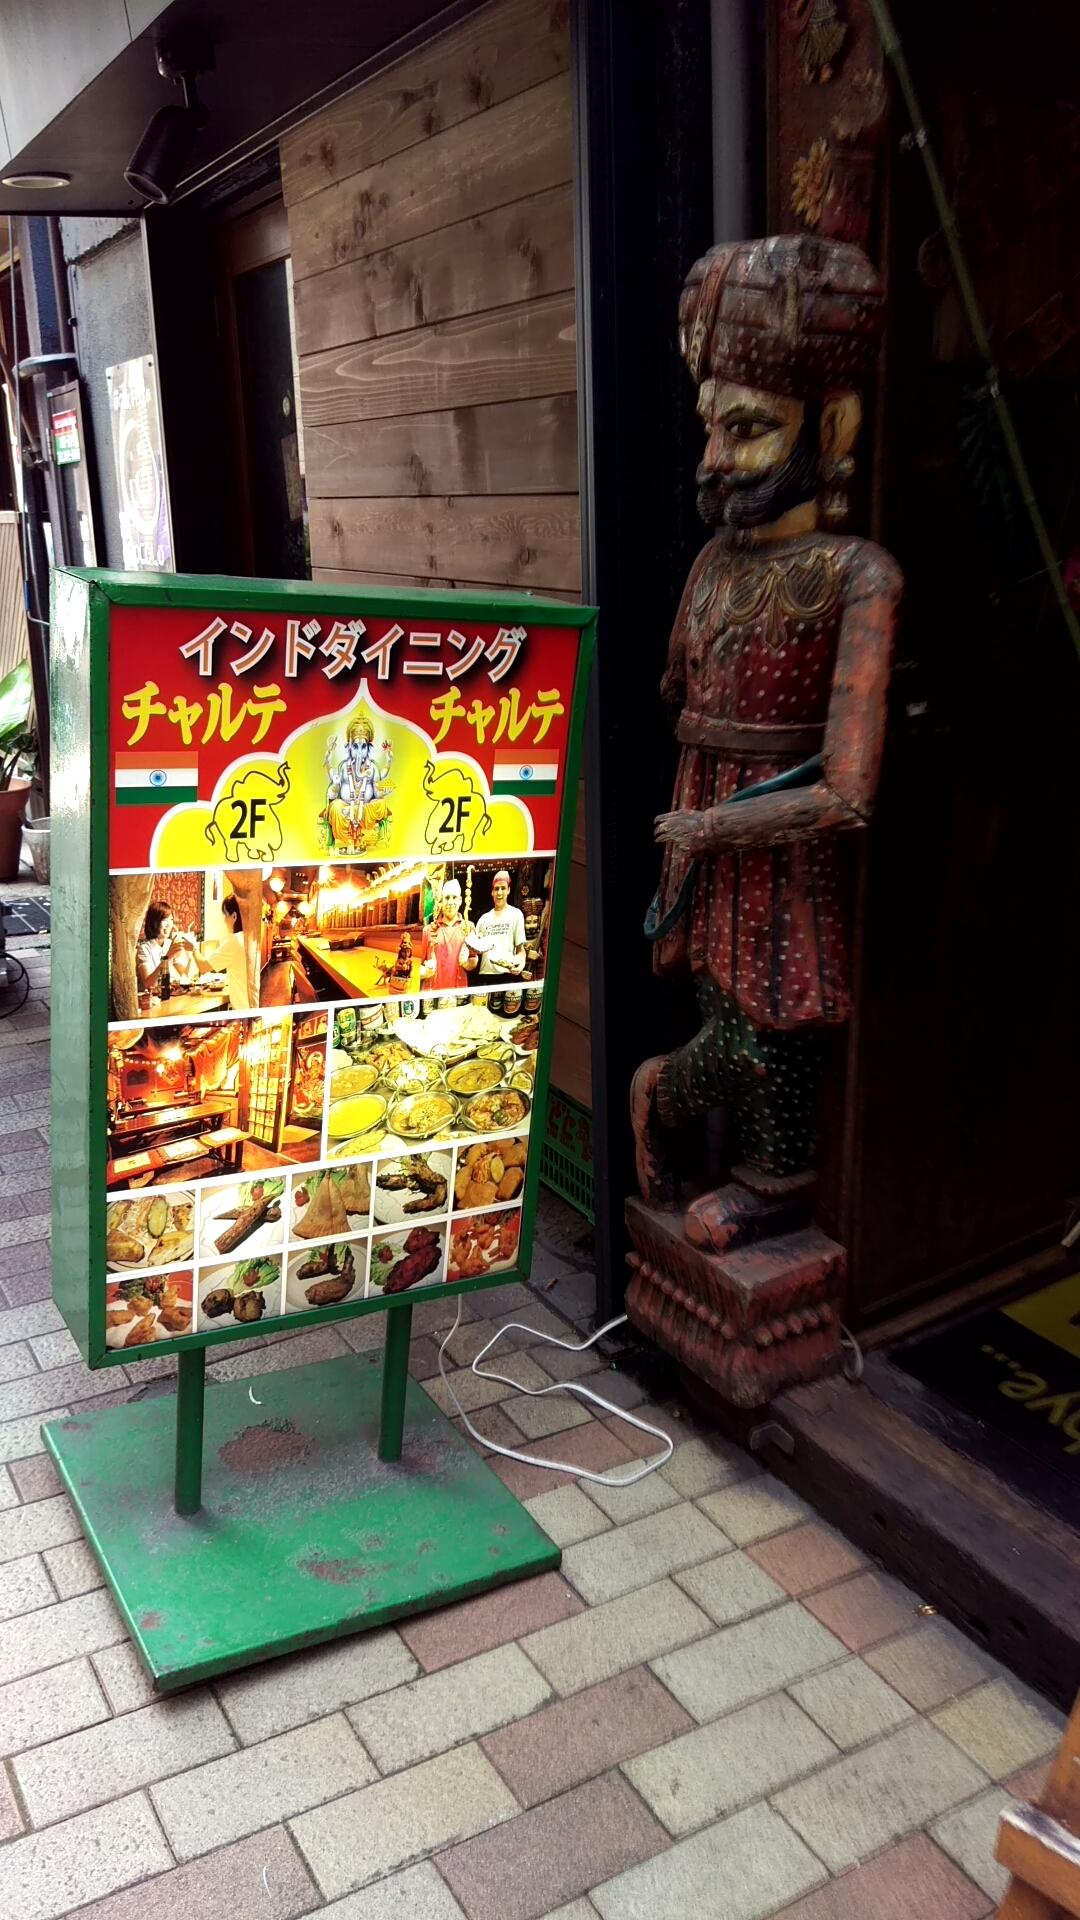 生田店から30mくらい行ったところに三宮店